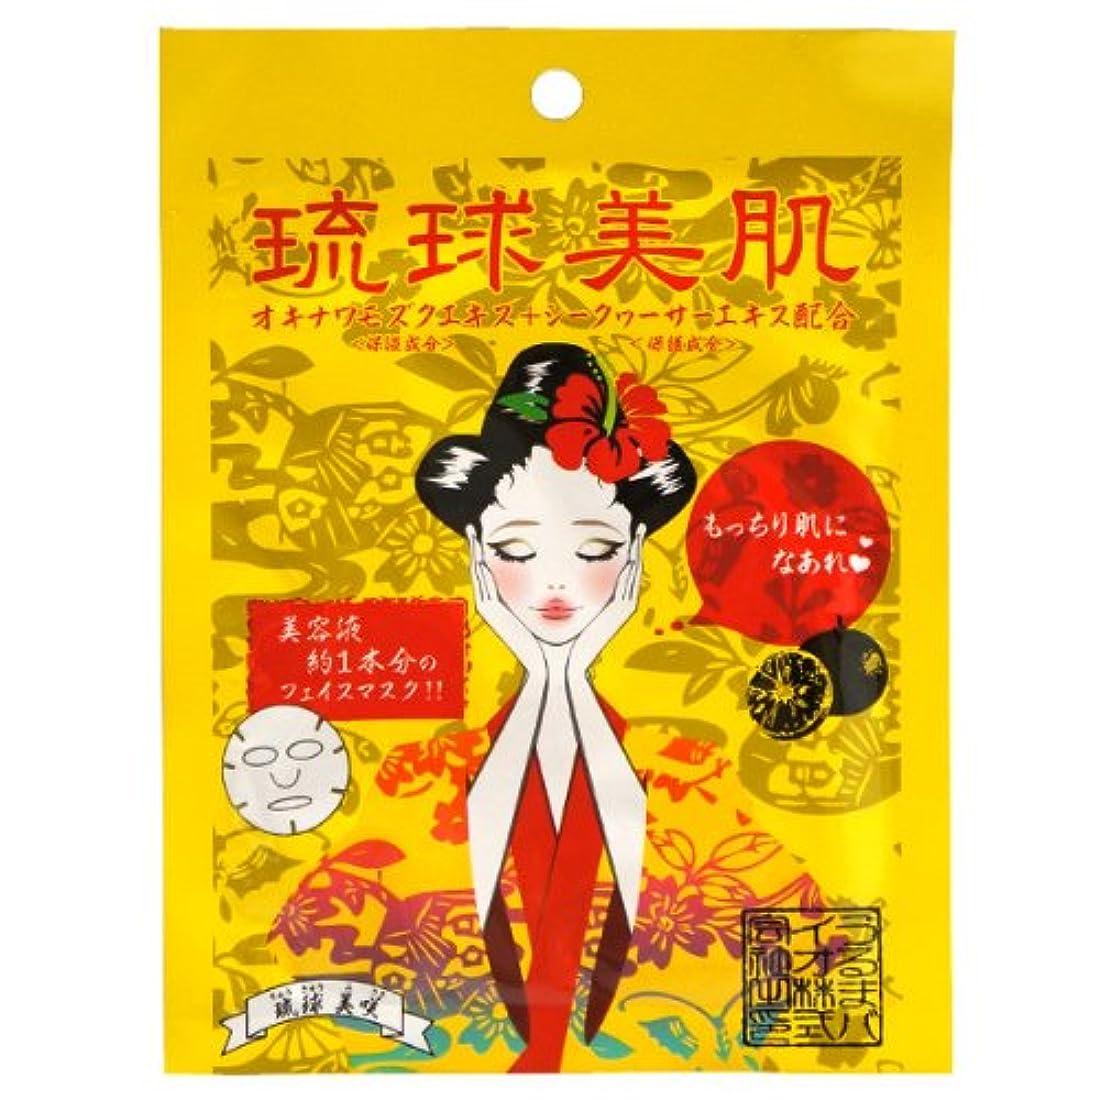 ドラッグ症候群琉球美肌 シークワーサーの香り